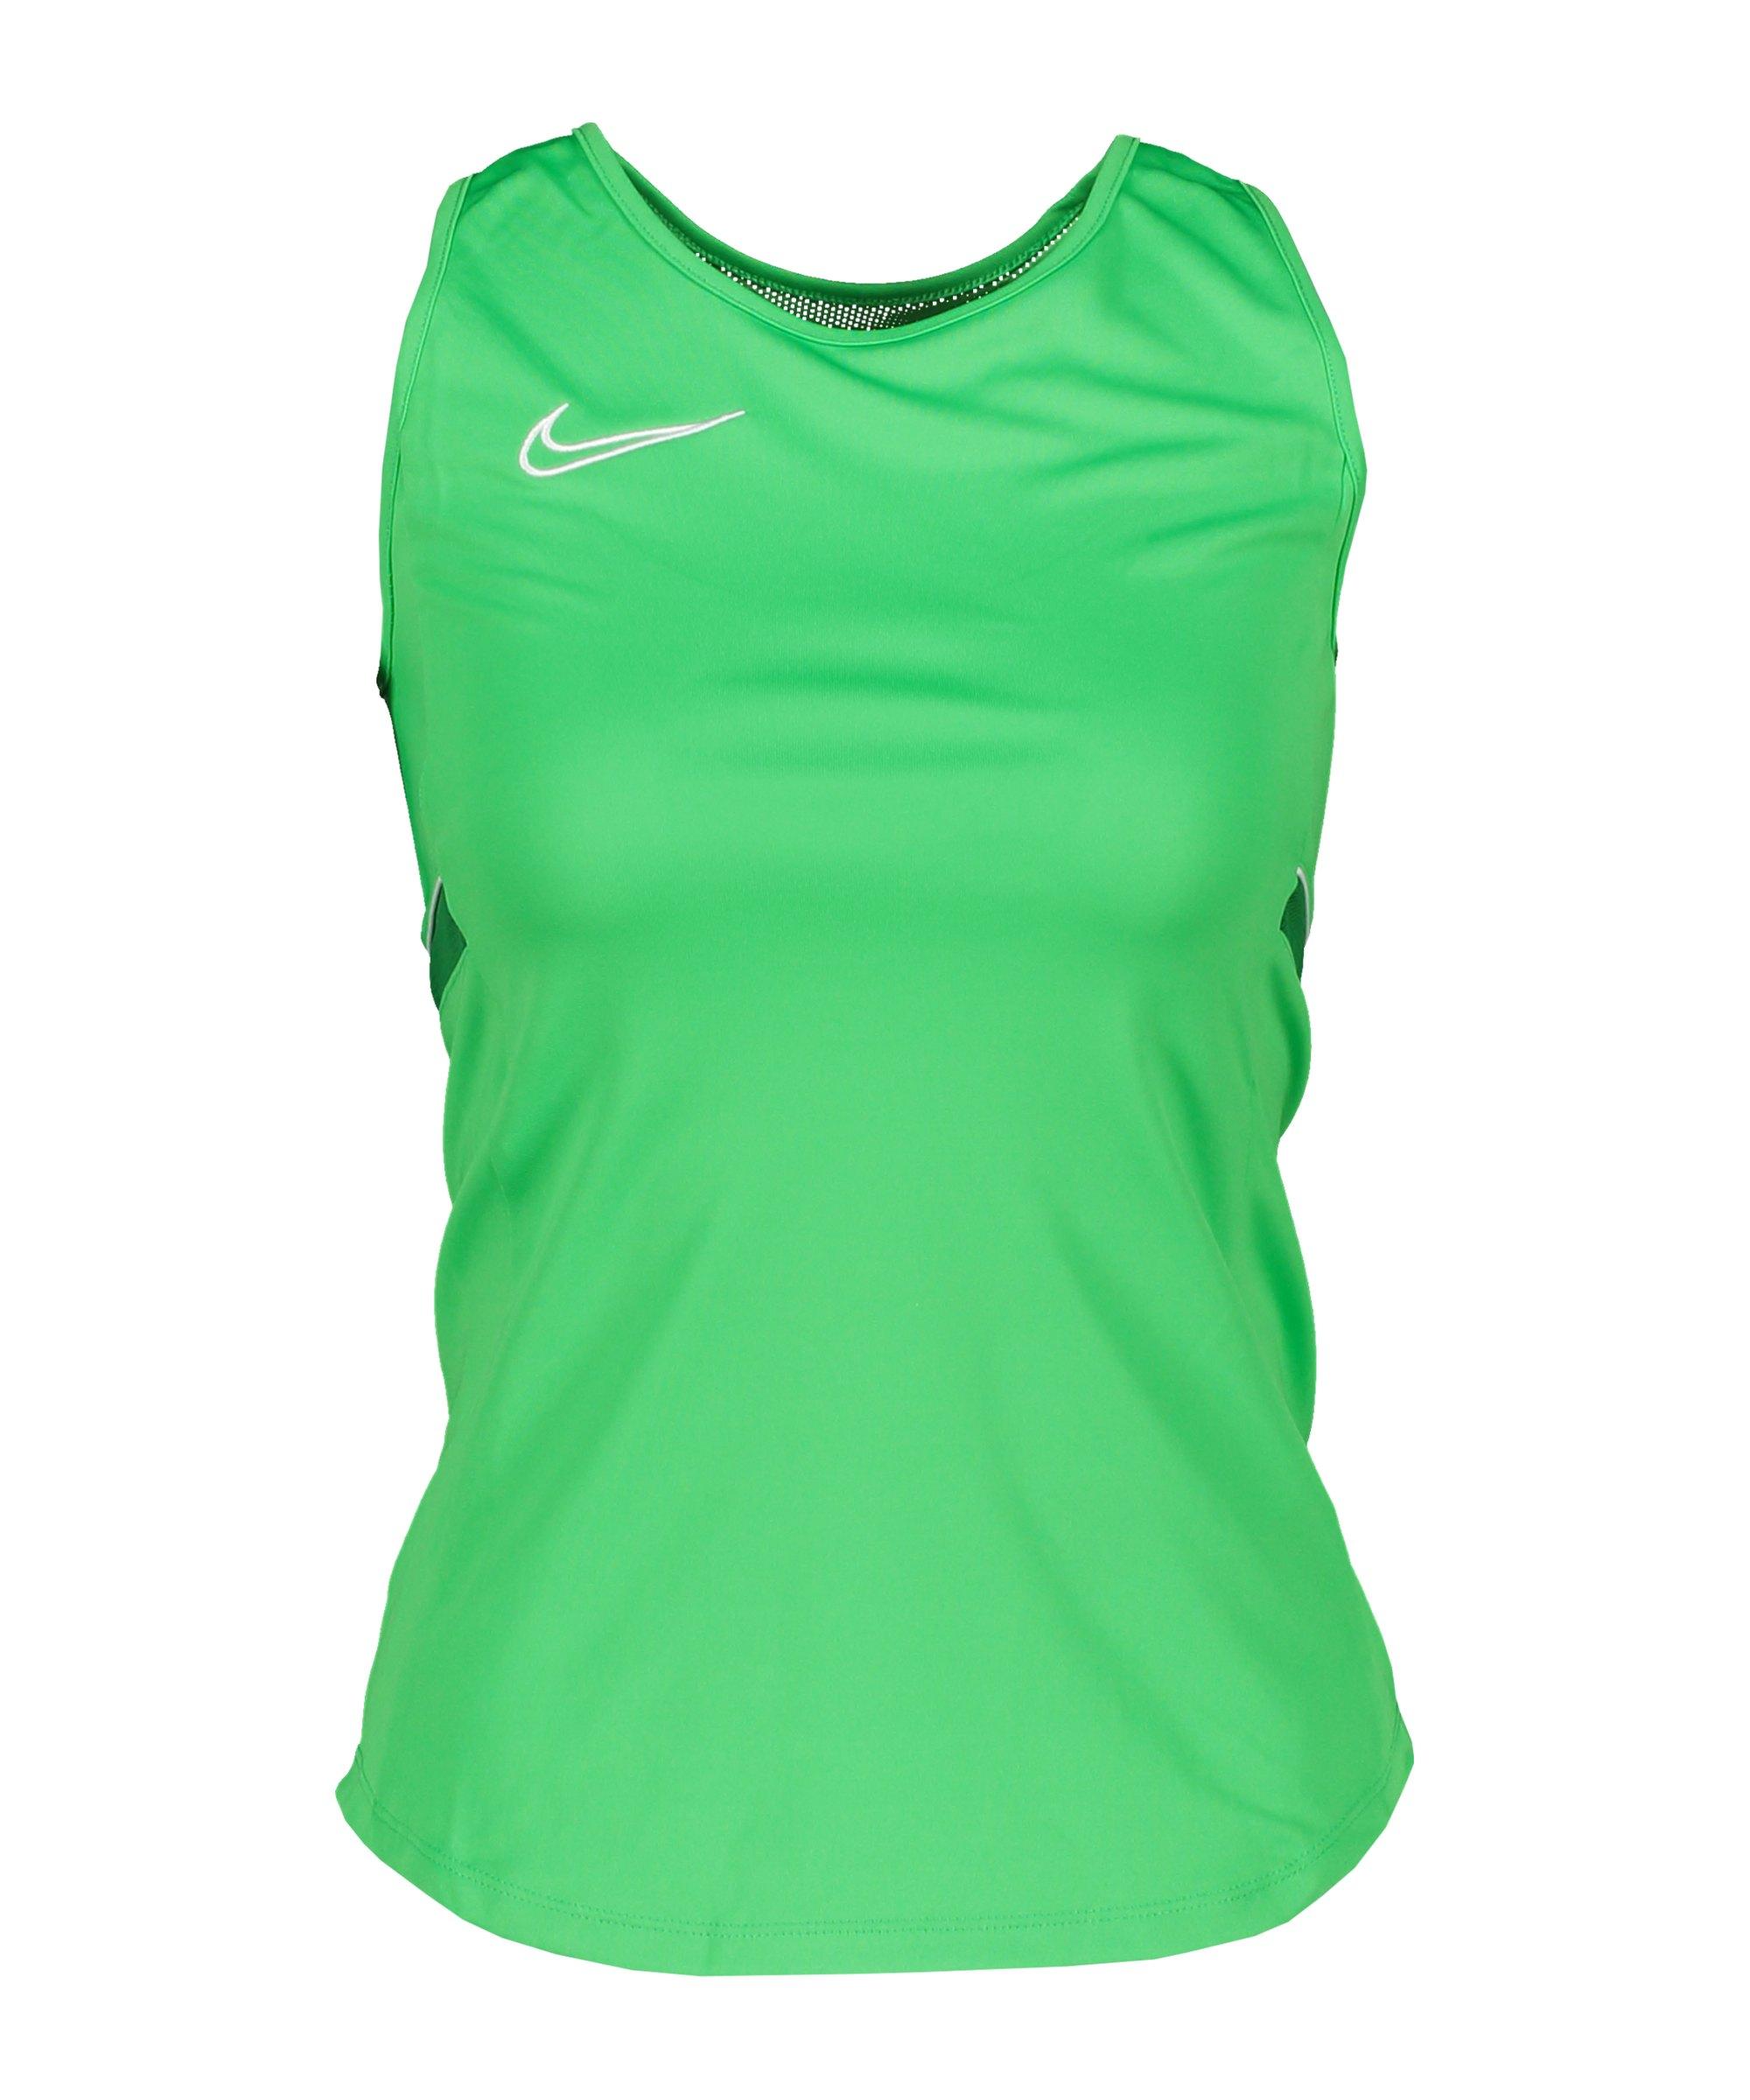 Nike Academy 21 Tanktop Damen Grün Weiss F362 - gruen